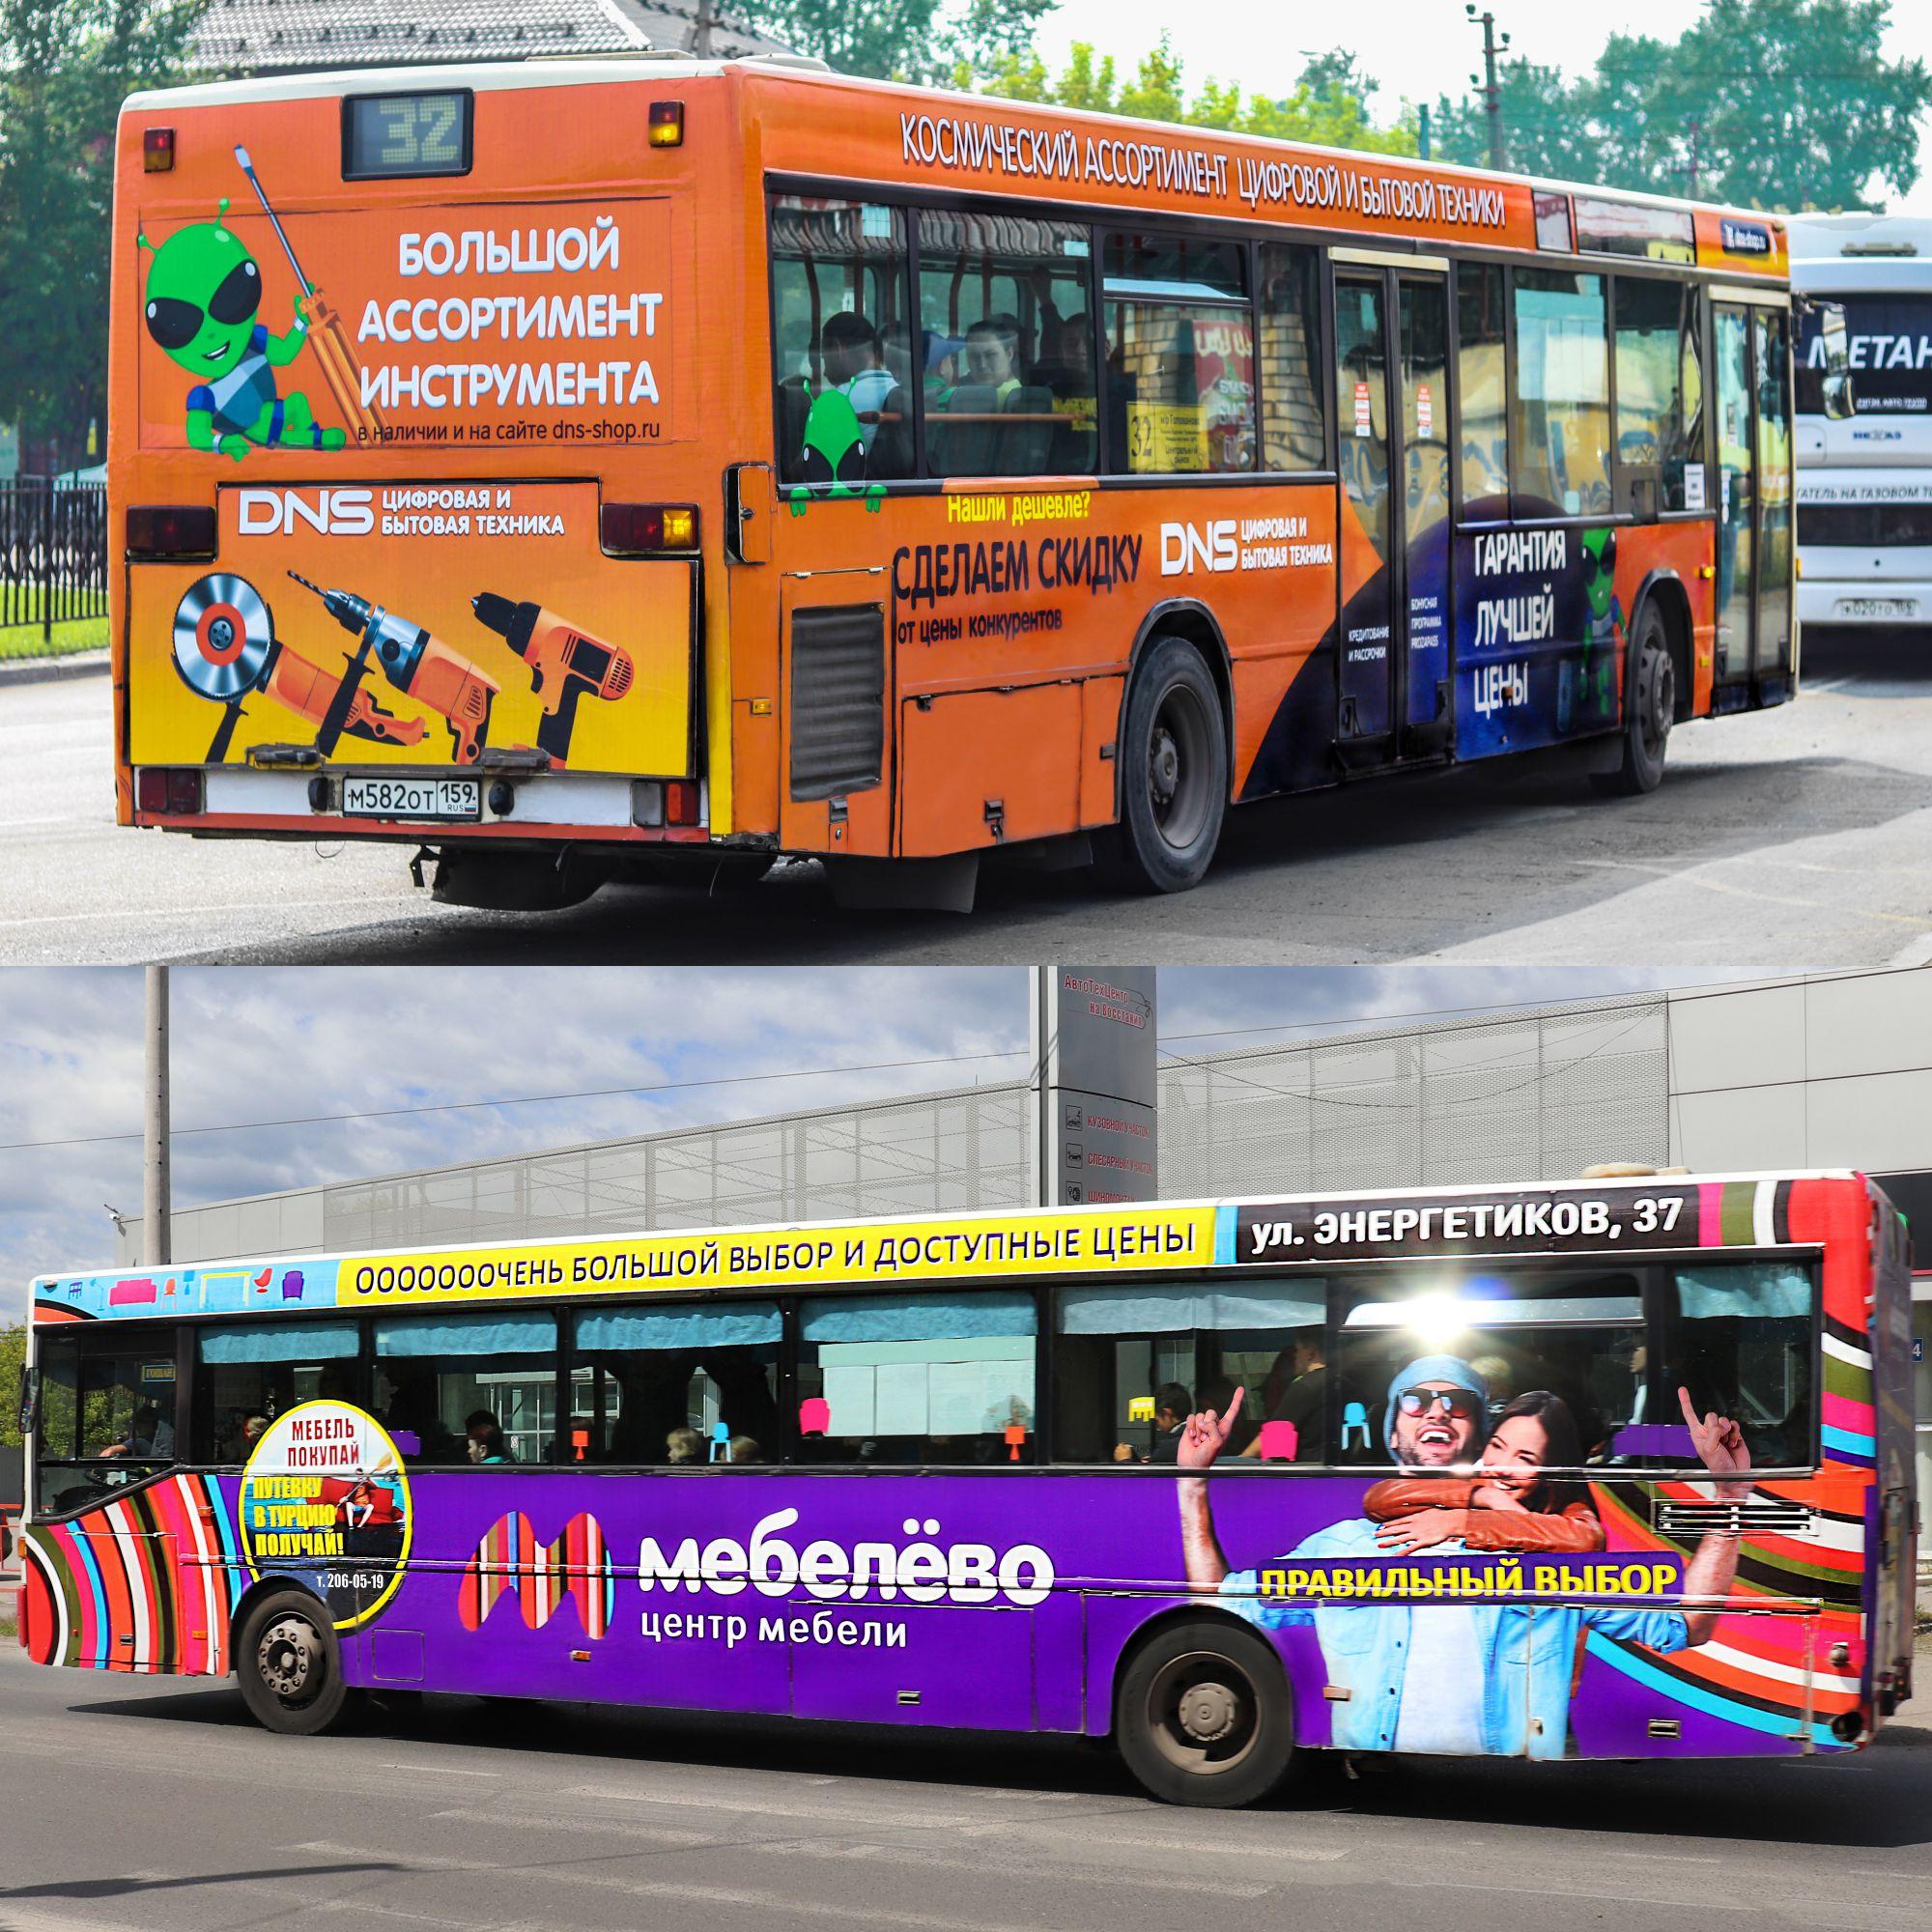 Brendirovanie_avtobusov